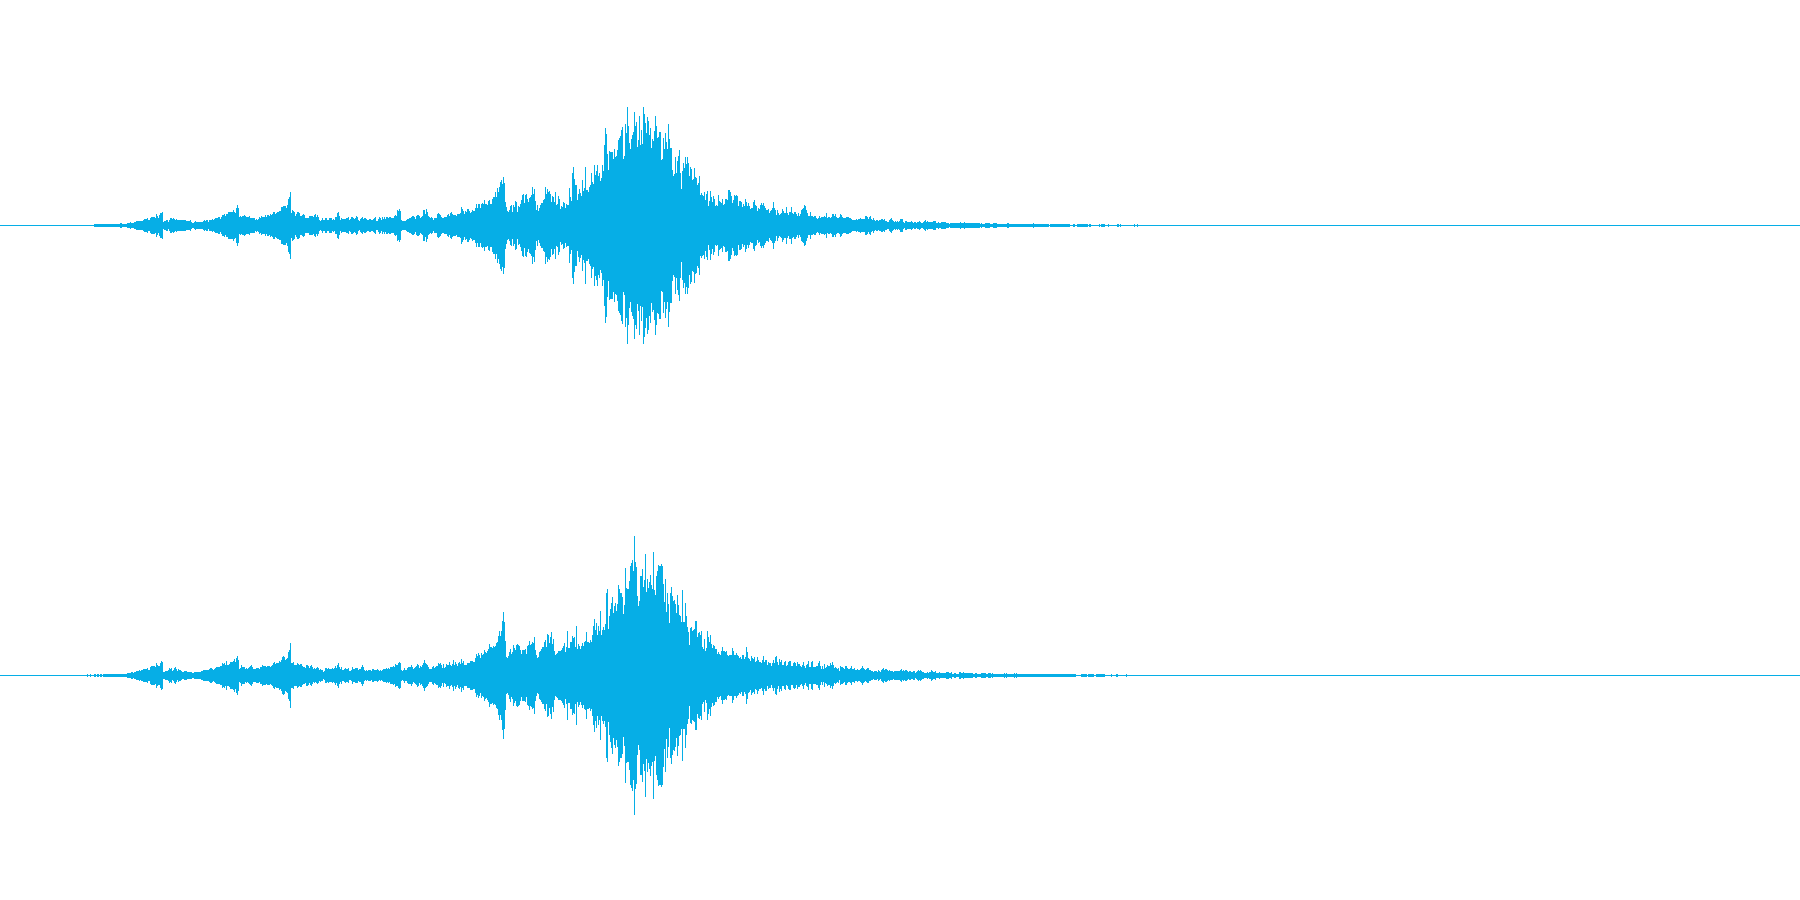 シャリーンというベルの音の再生済みの波形